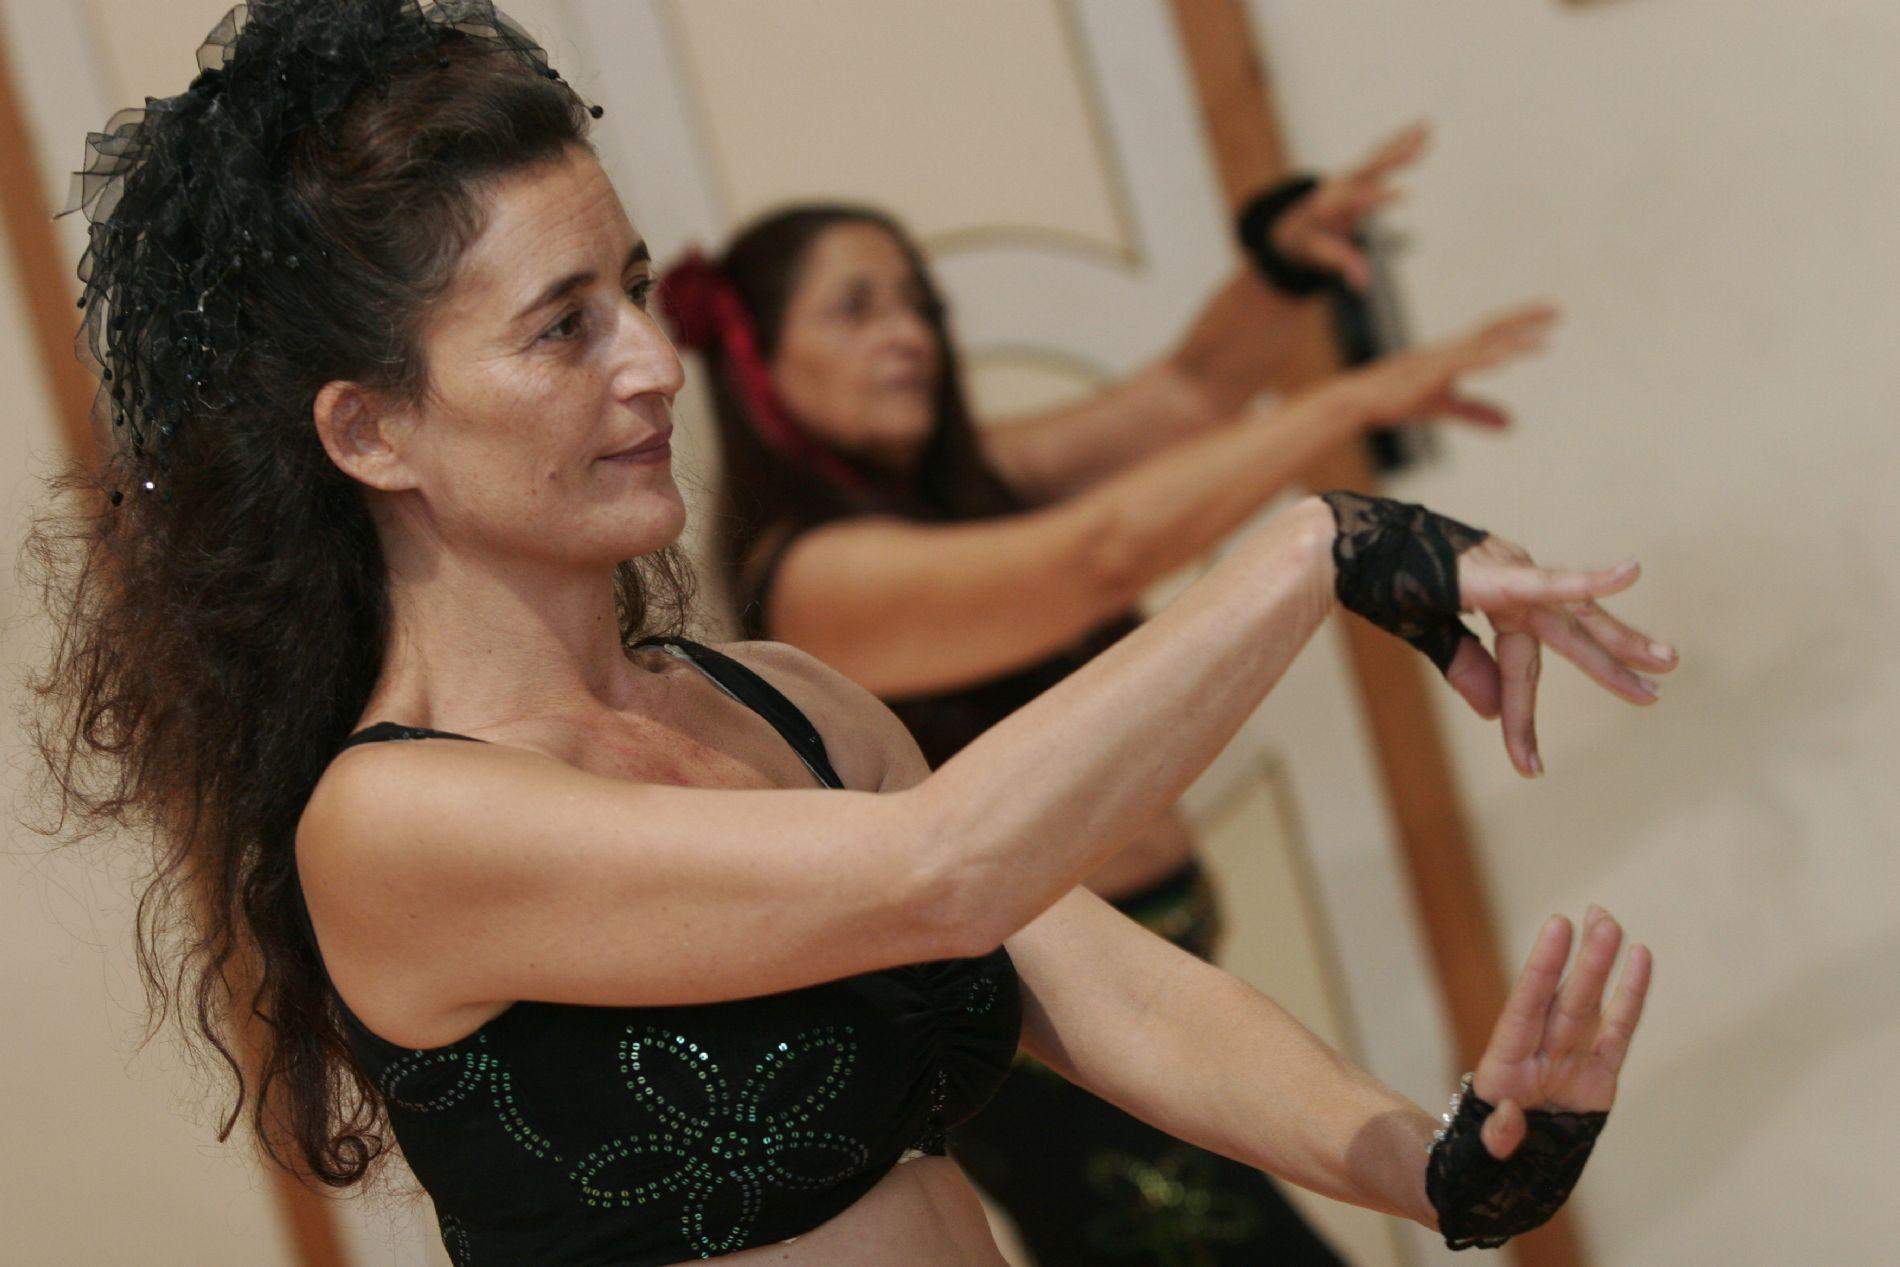 מורה לריקודי בטן טינה גירש